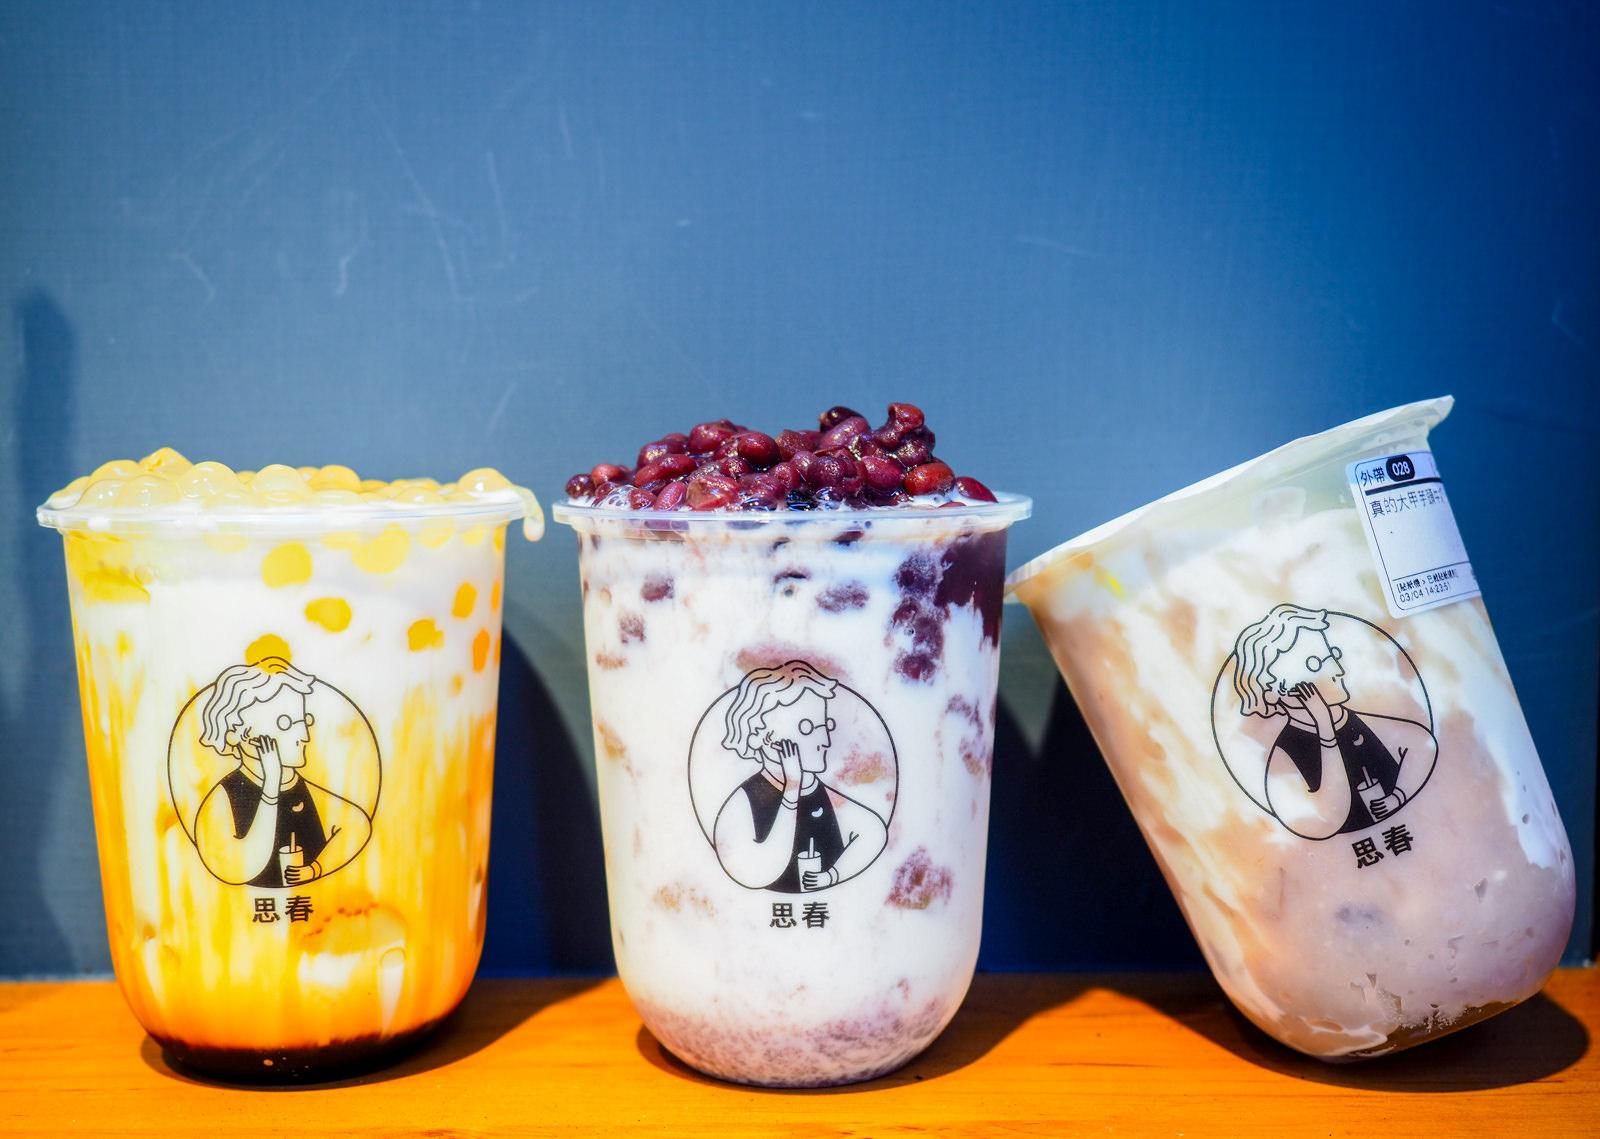 【台北東區特色手搖飲】思春大安店 小時候紅豆牛奶、芋頭鮮奶好滋味真材實料!